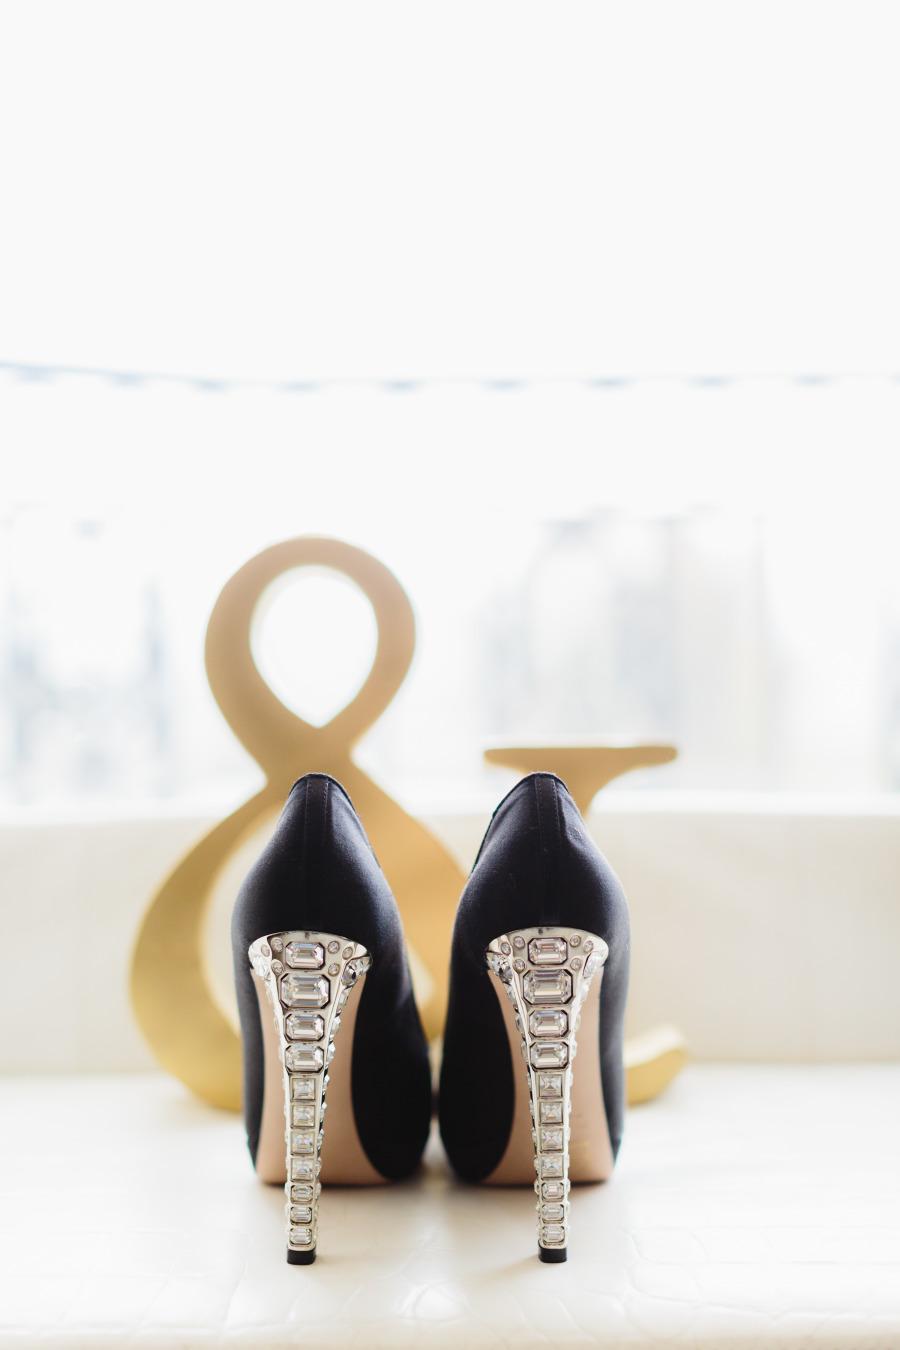 20. Heels of Shoes